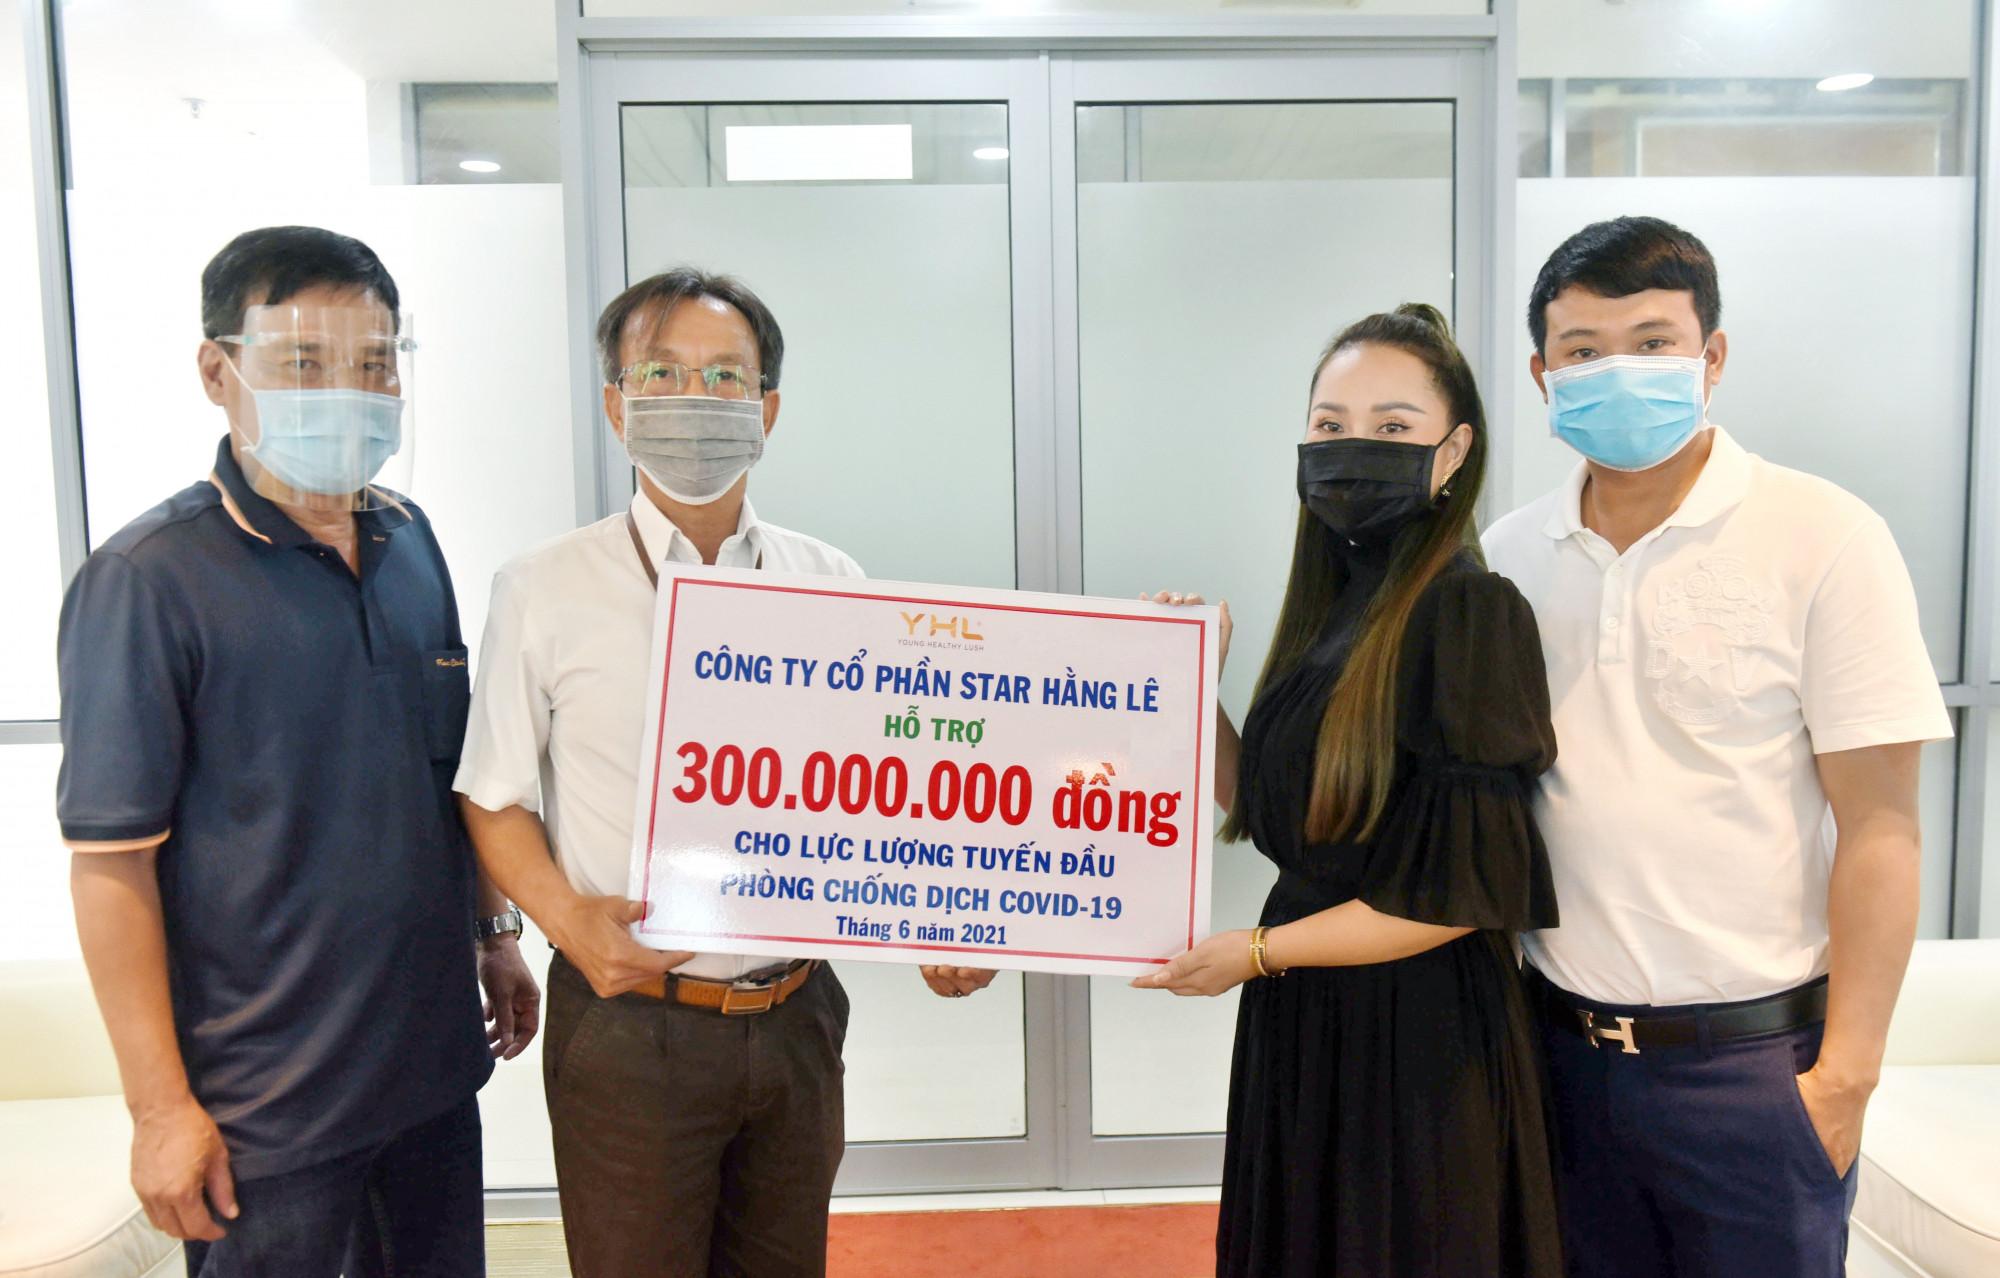 Bà Hằng Lê (phải) - người sáng lập thương hiệu YHL Star Hằng Lê trao tặng 300 triệu đồng cho lực lượng tuyến đầu chống dịch COVID-19. Ảnh: YHL Star Hằng